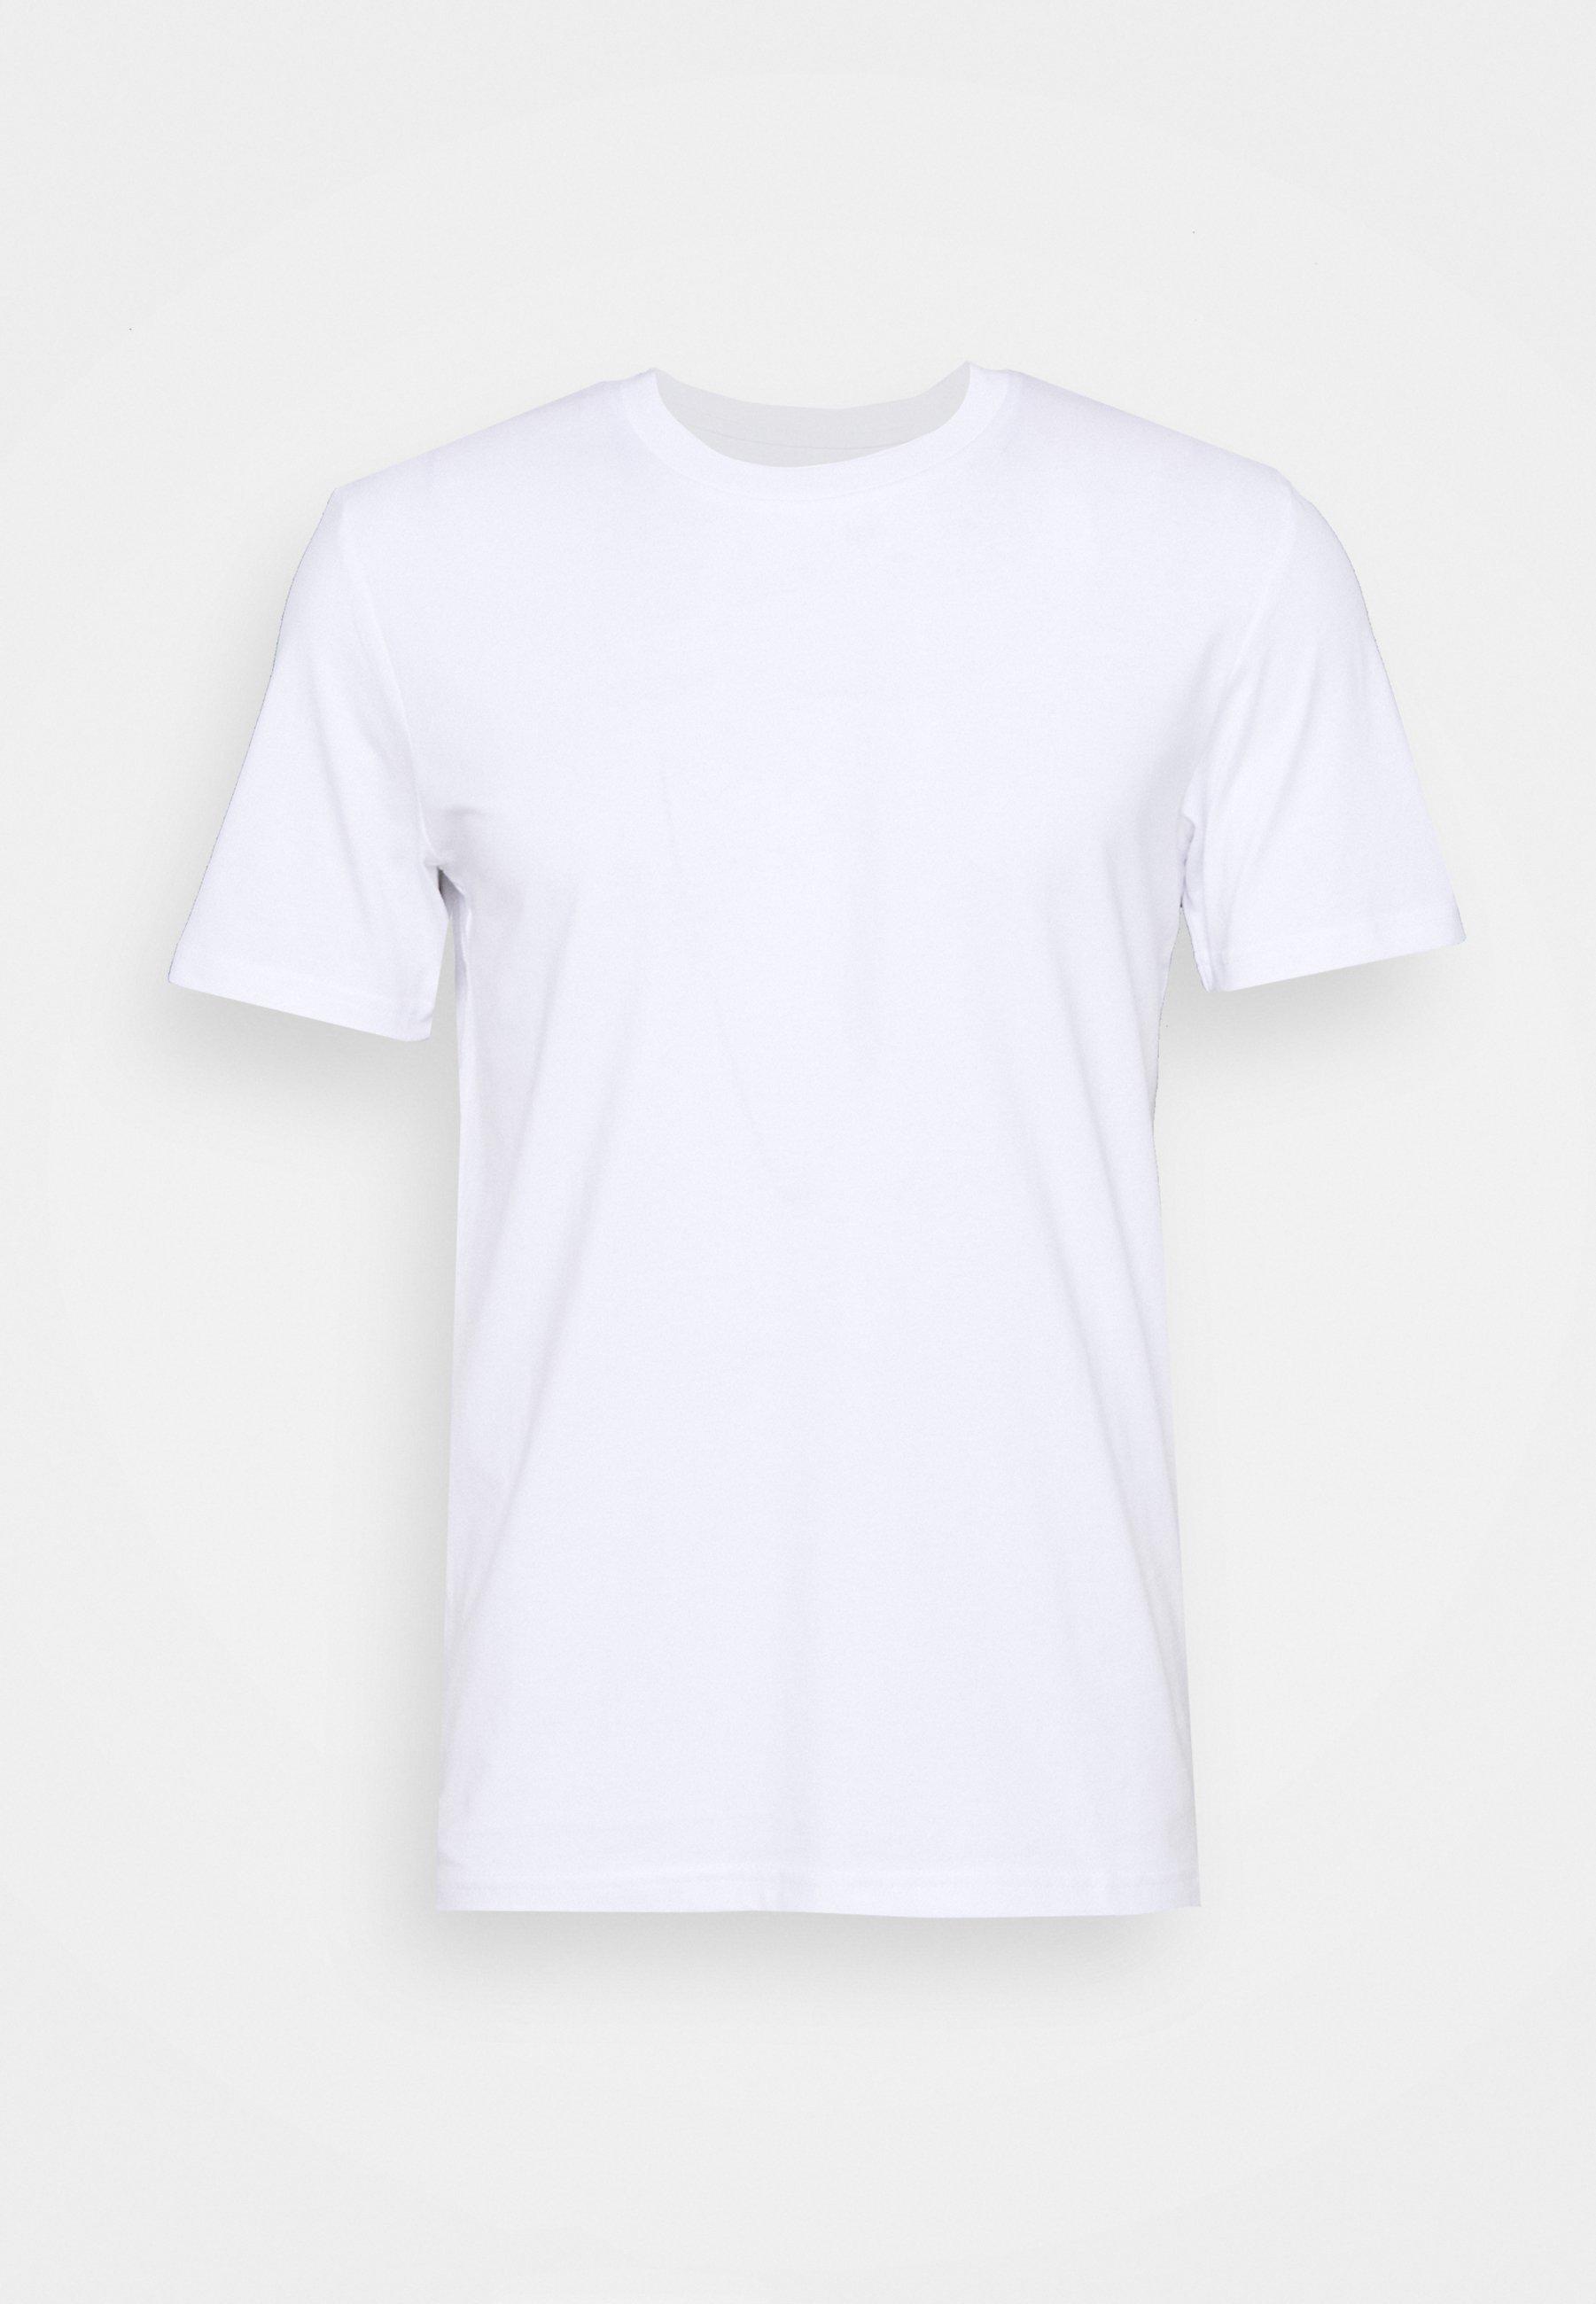 Homme POUR UN MONDE MELLIEUR UNISEX - T-shirt imprimé